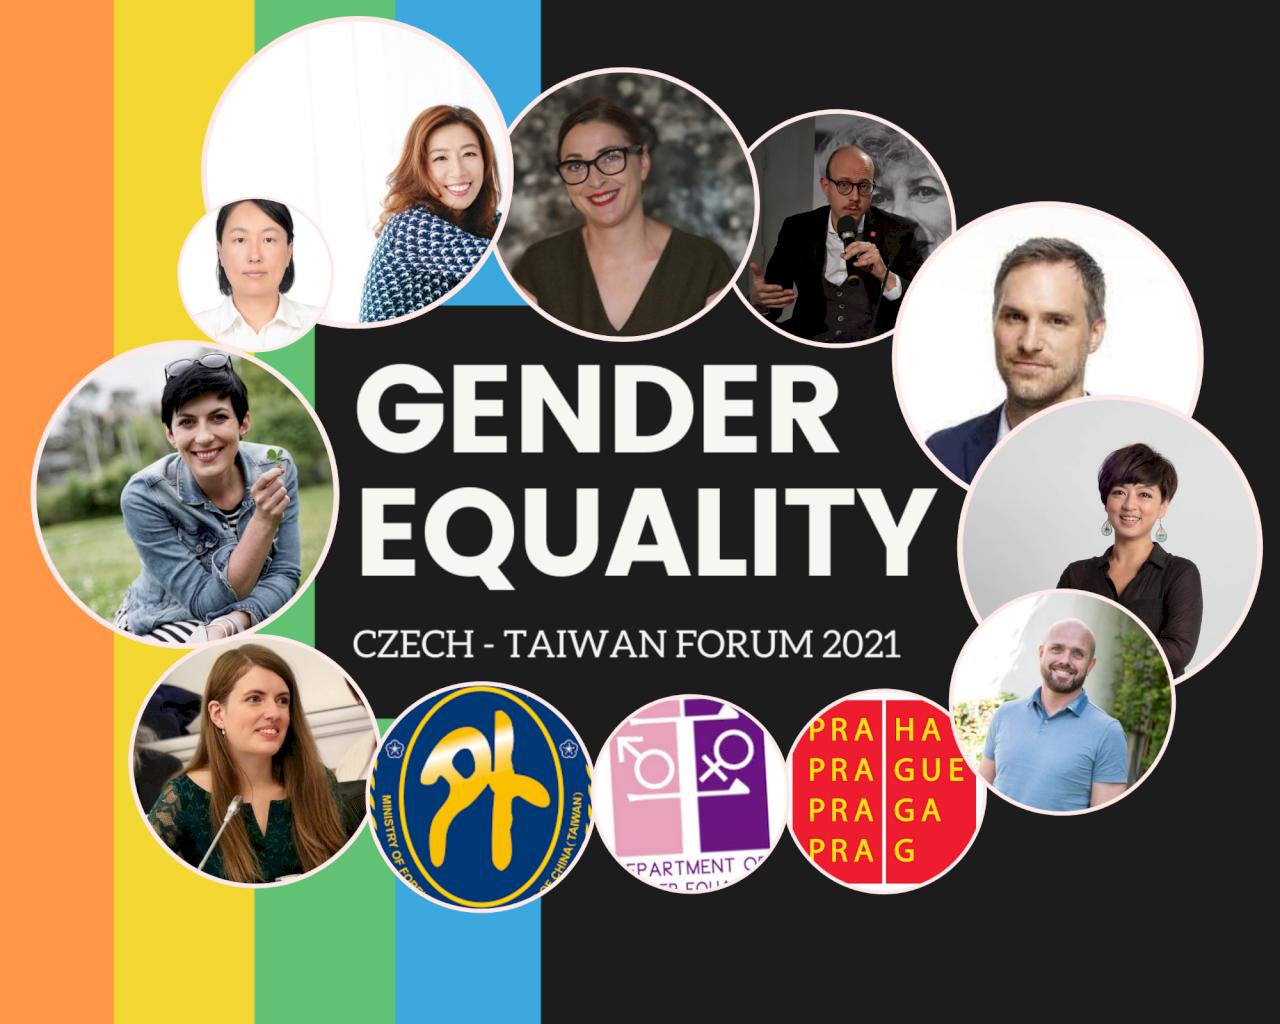 台捷4日合辦線上論壇 交流婚姻平權等性平議題